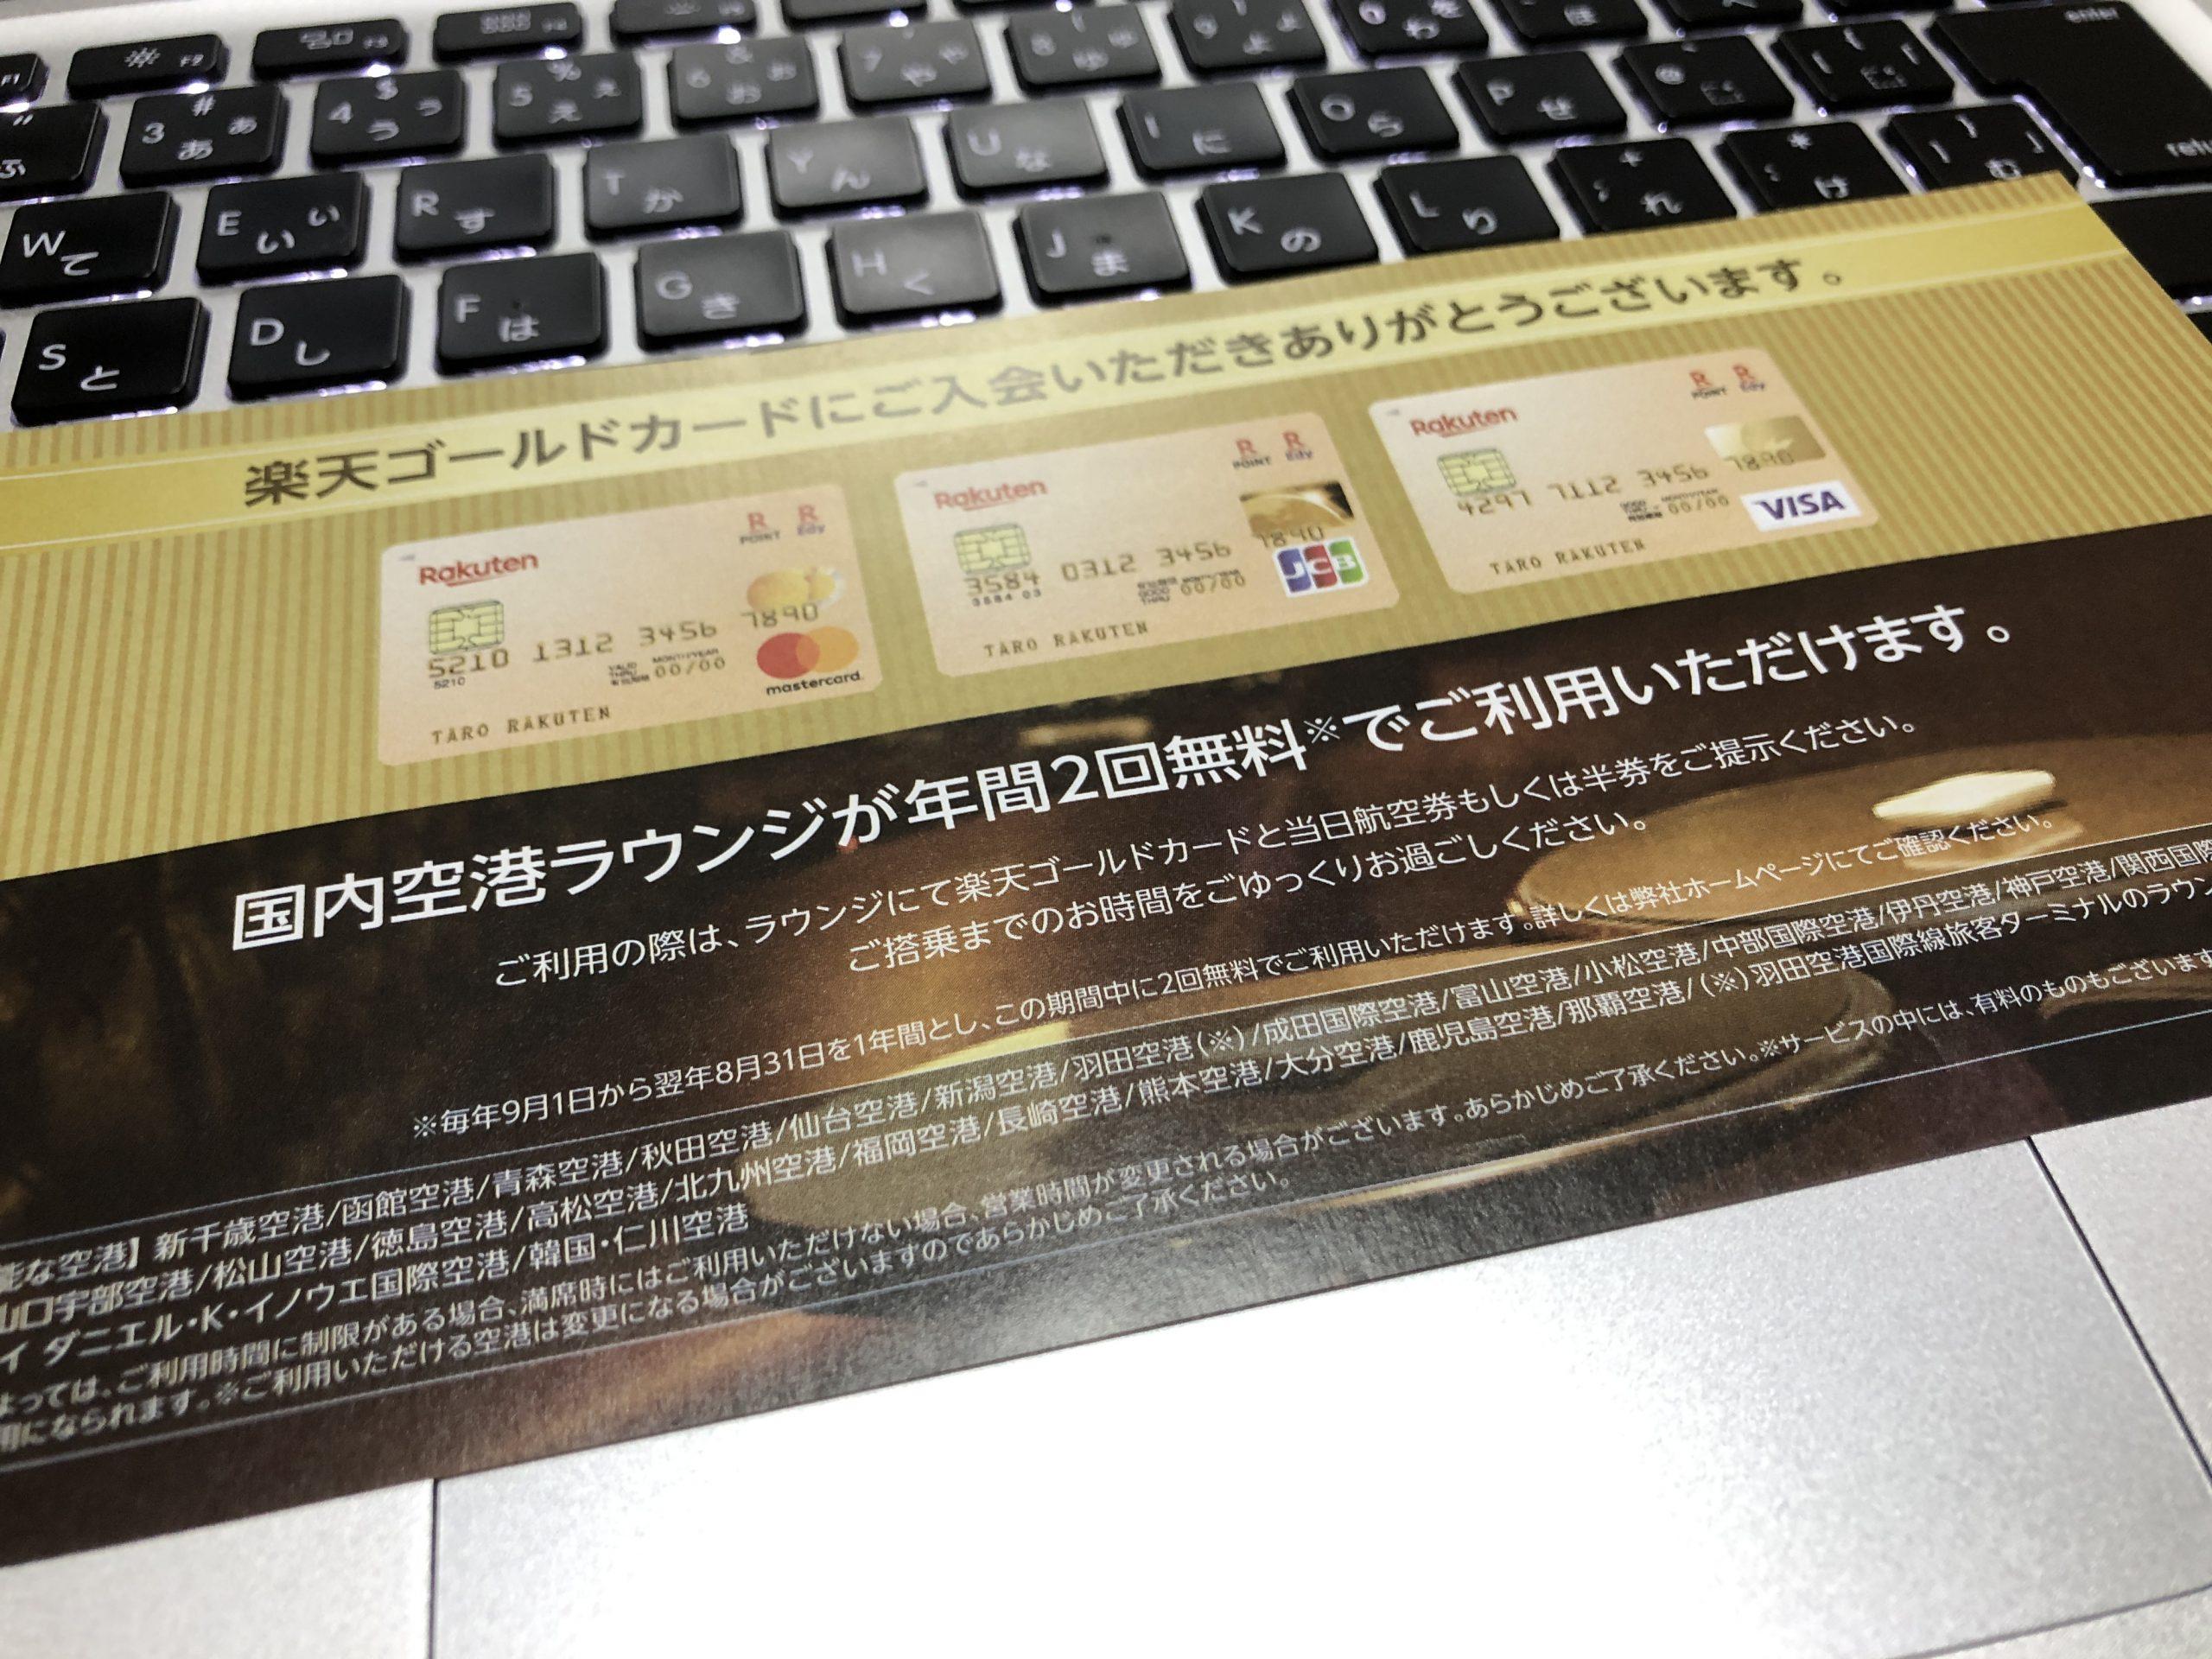 2020 切り替え ゴールド キャンペーン 楽天 カード